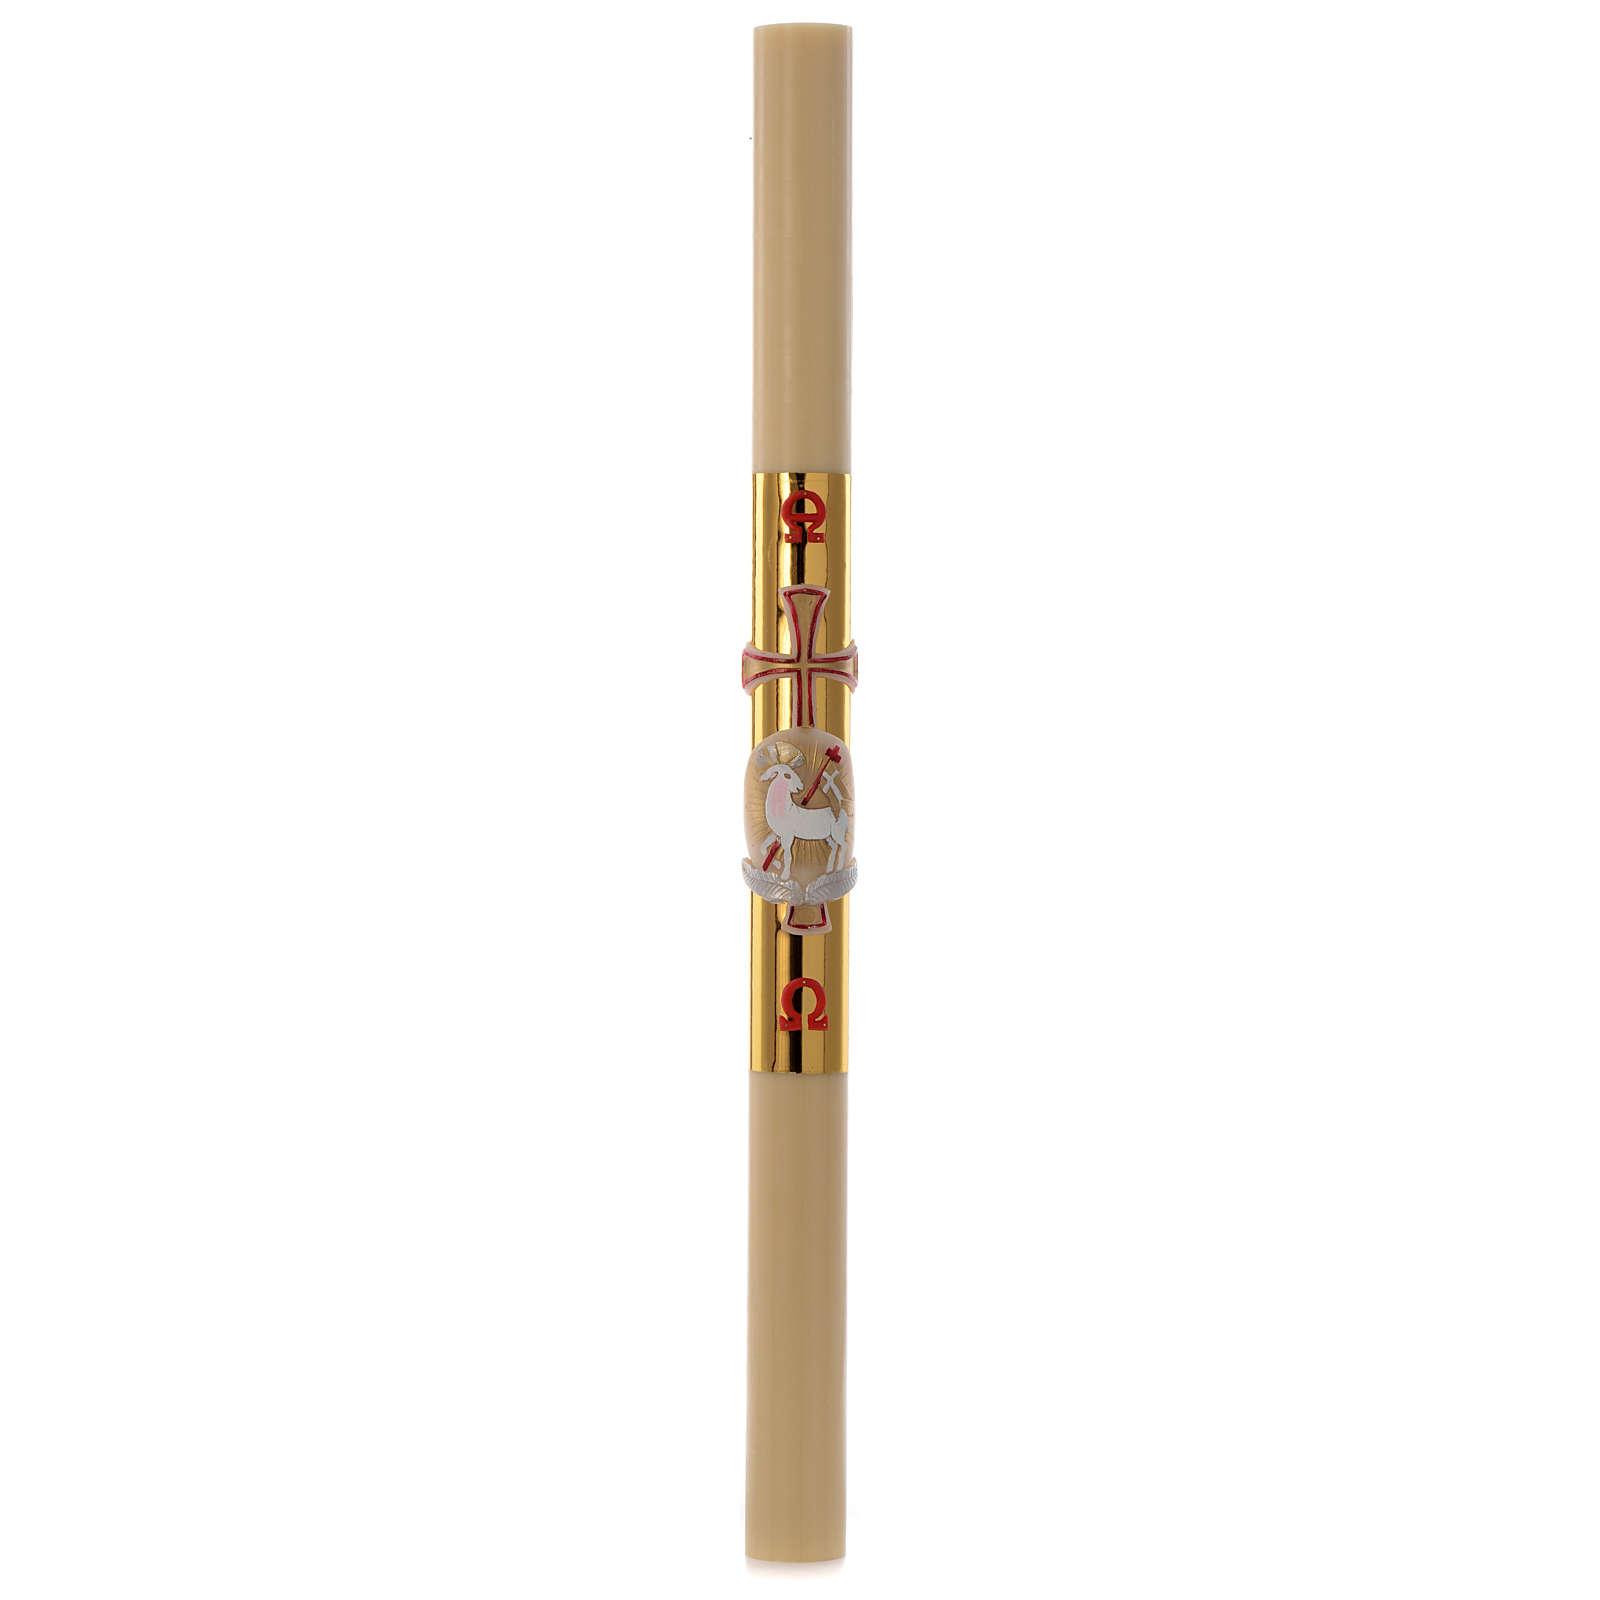 Świeca wielkanocna z wosku pszczelego Baranek, krzyż na tle zlotym, 8 X 120cm 3